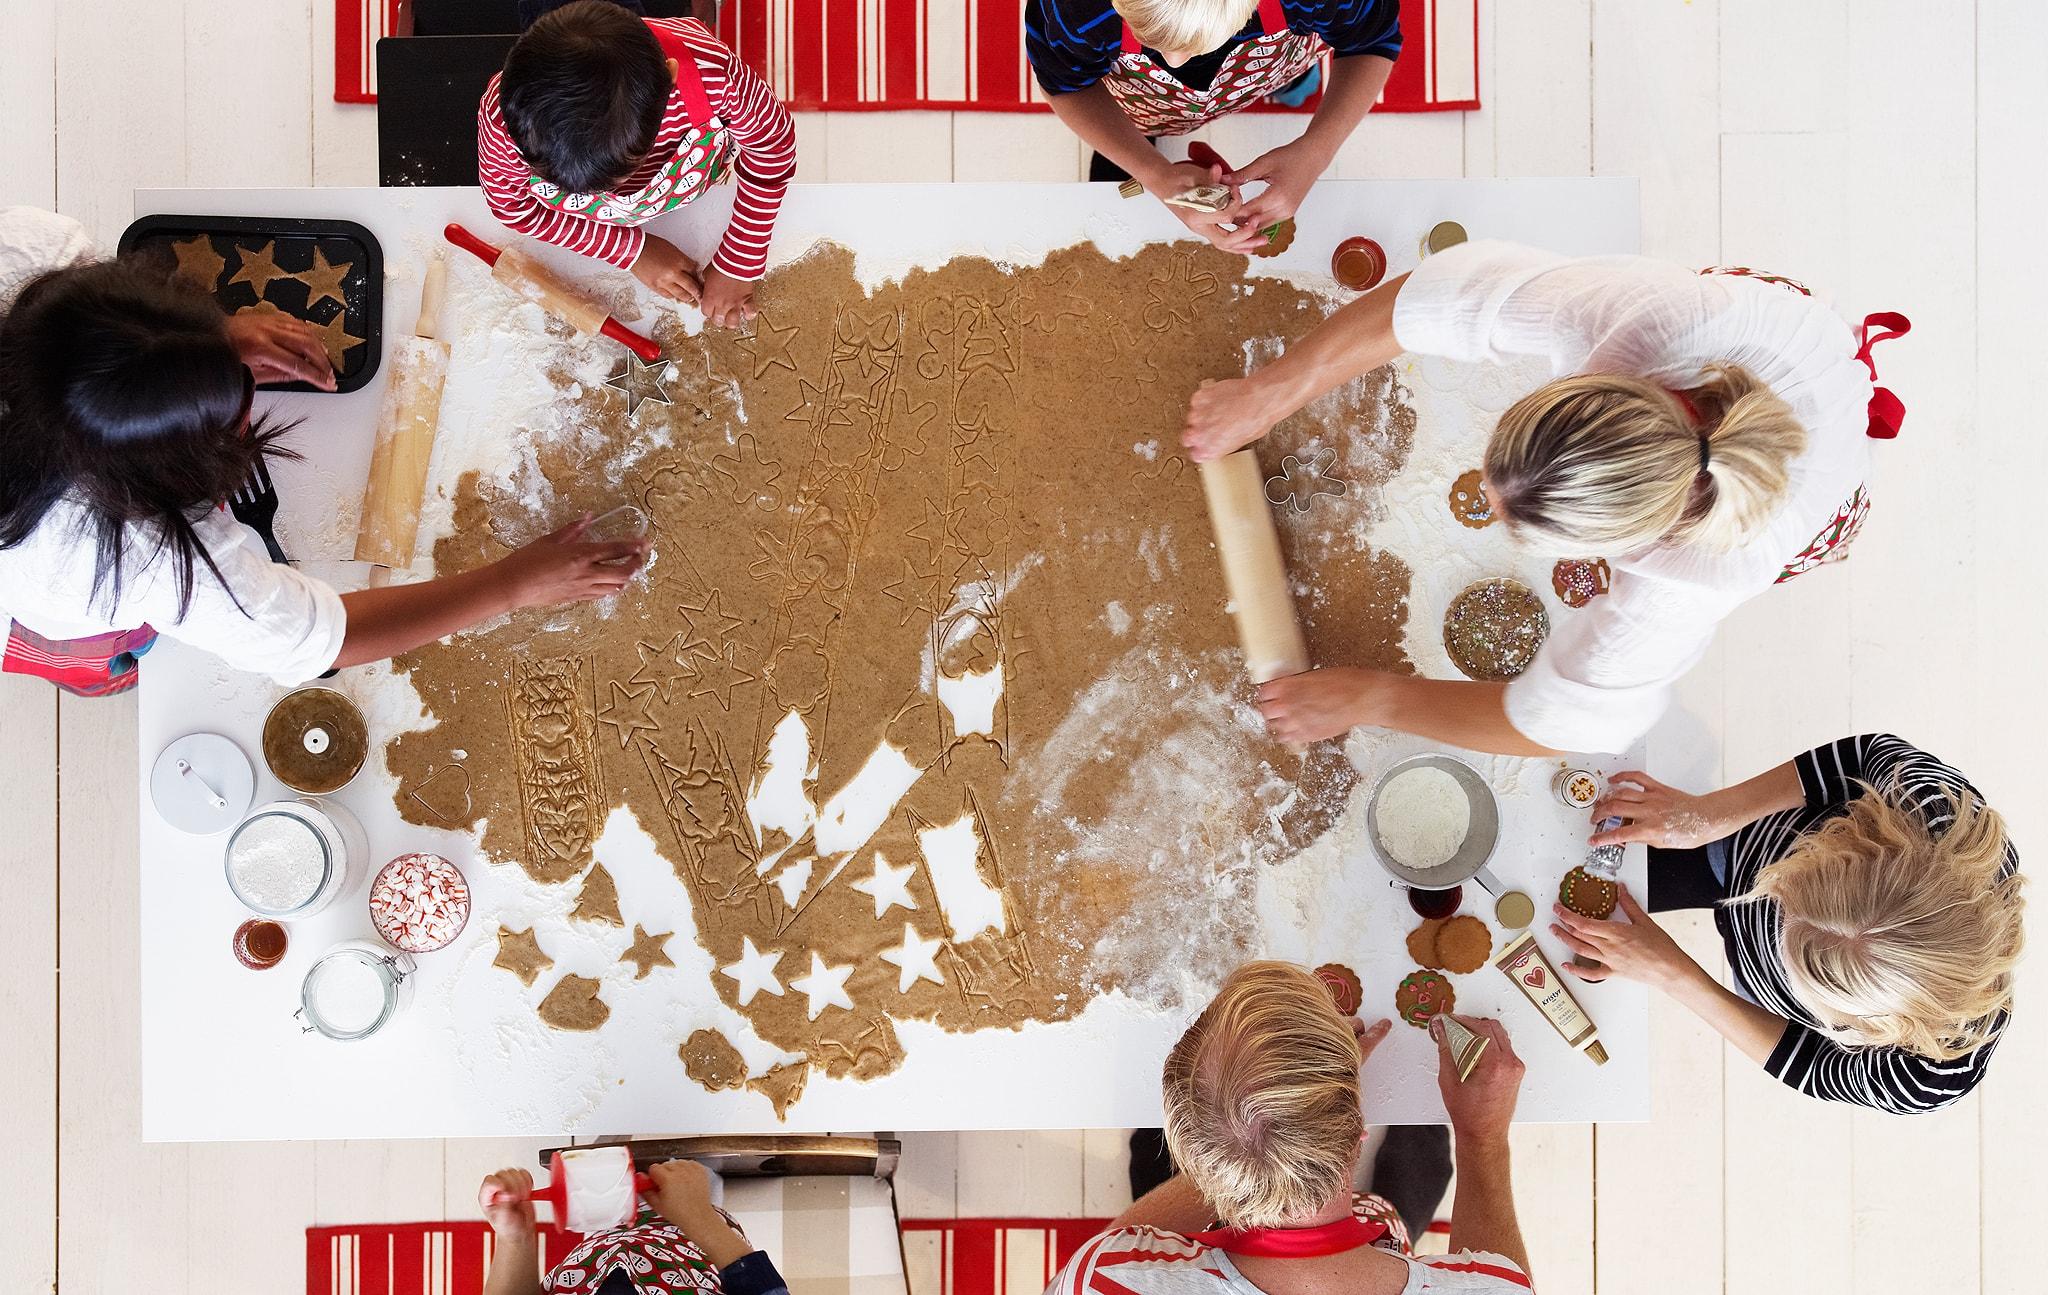 Memanggang kue jahe Natal - rasa pertama dalam musim liburan